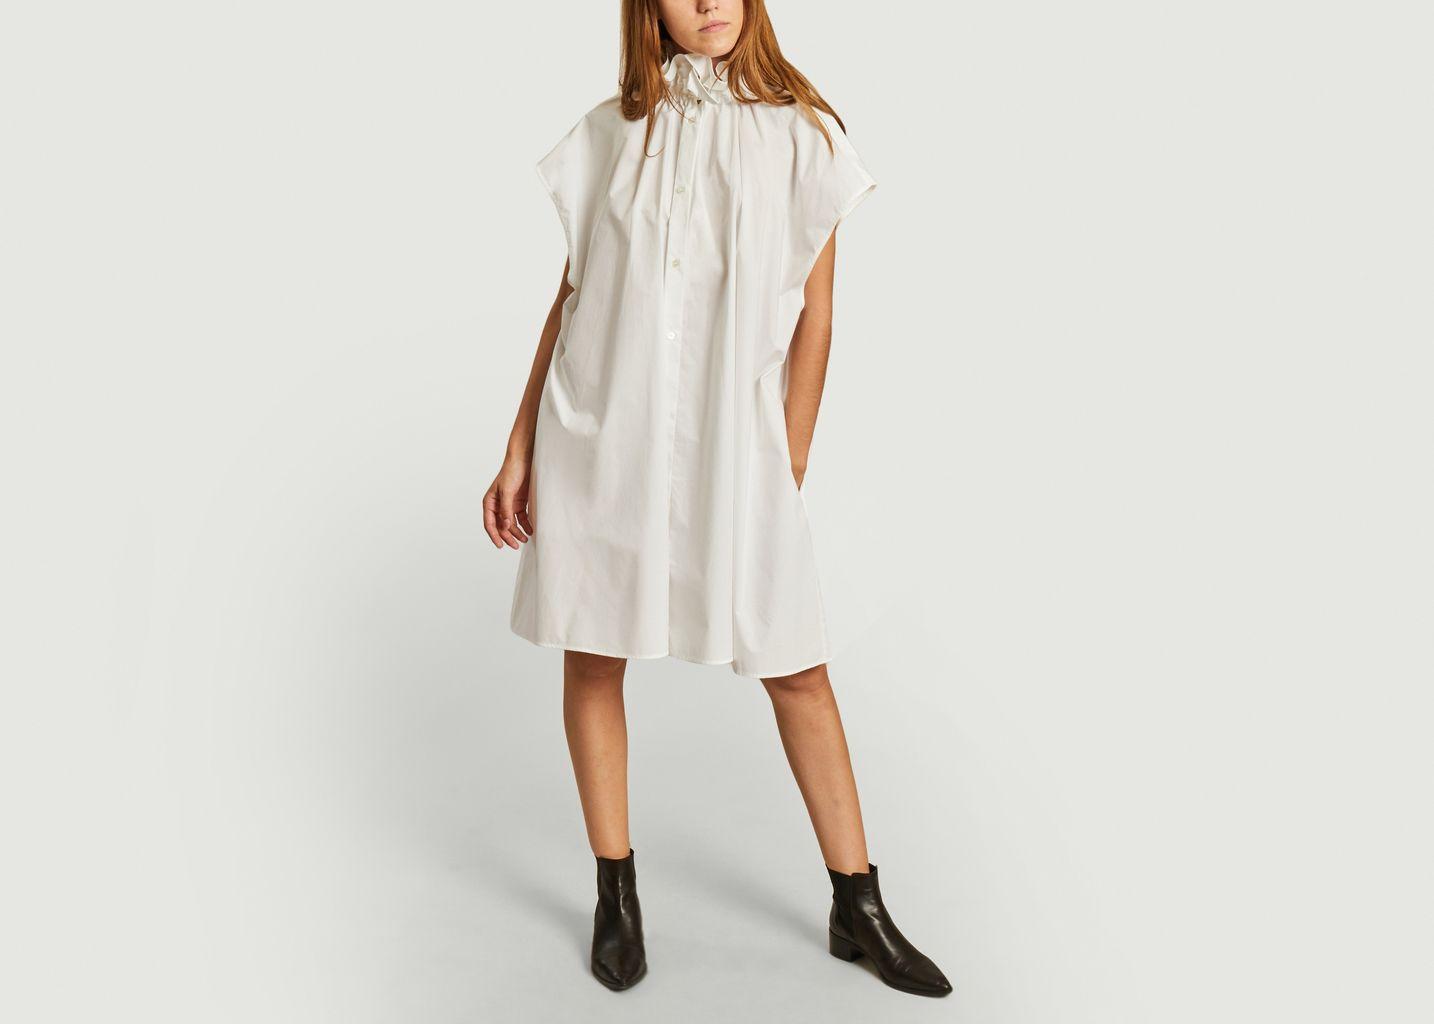 Robe cape boutonnée manches courtes - MM6 Maison Margiela